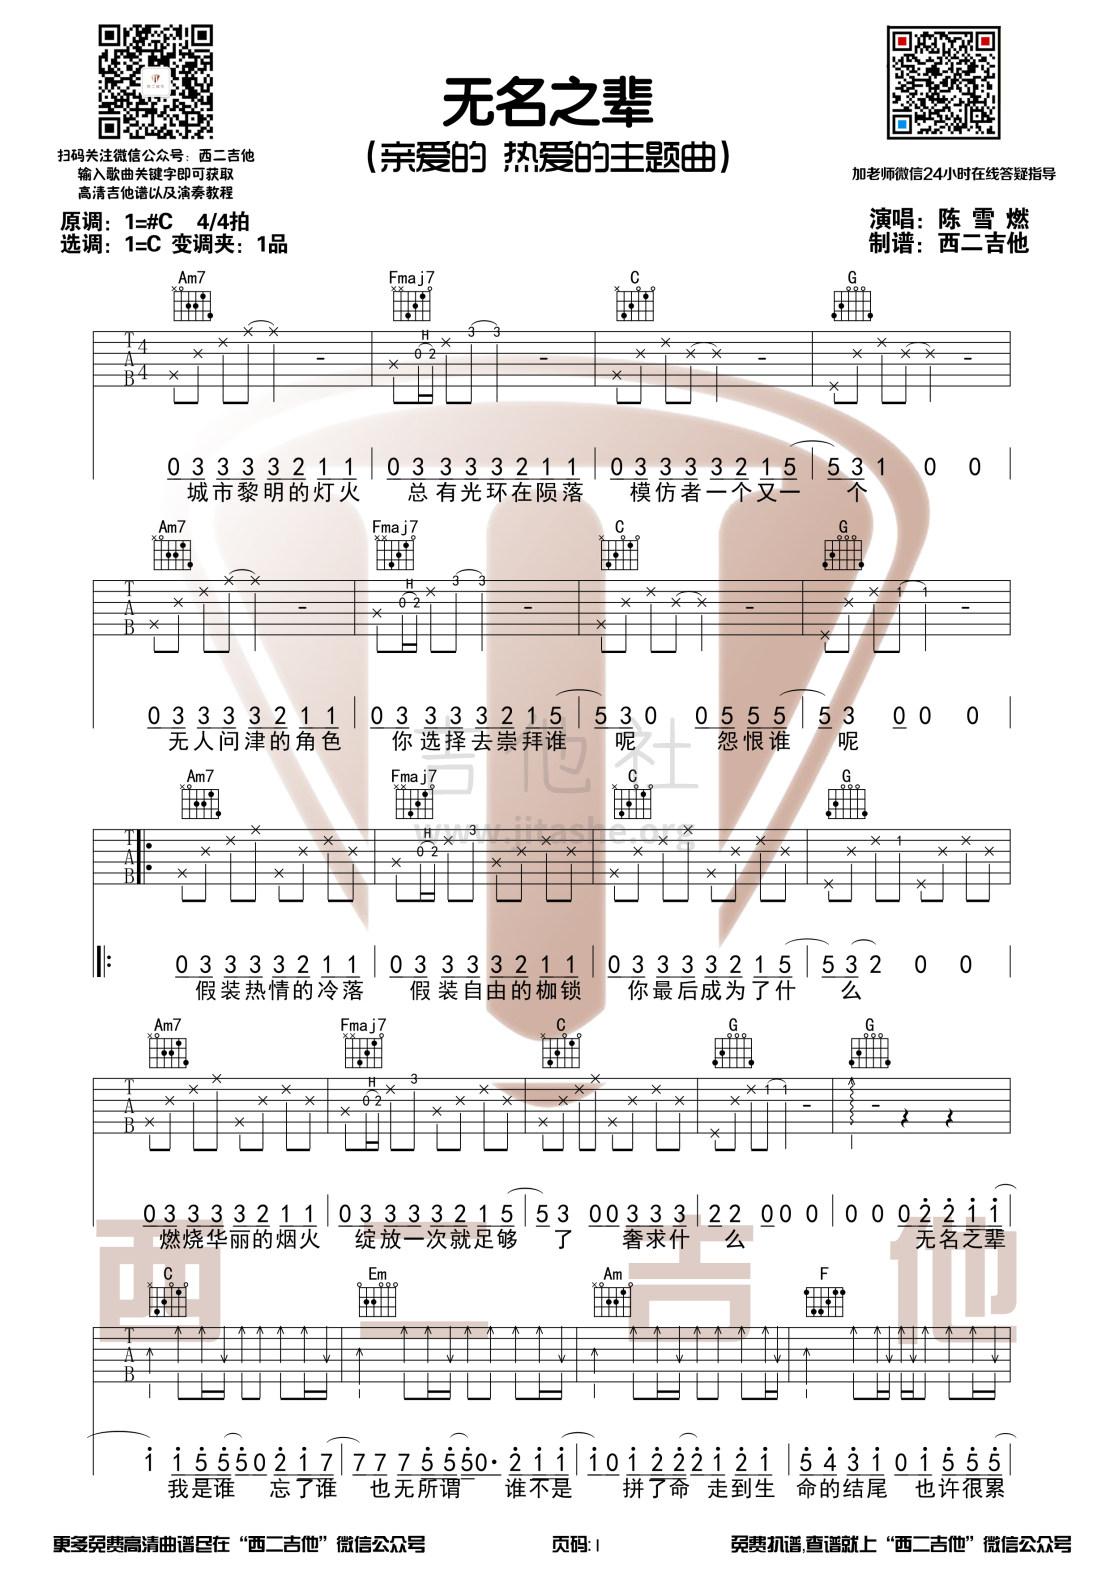 亲爱的热爱的插曲 - 无名之辈(西二吉他)吉他谱(图片谱,弹唱)_陈雪燃_无名之辈1.jpg